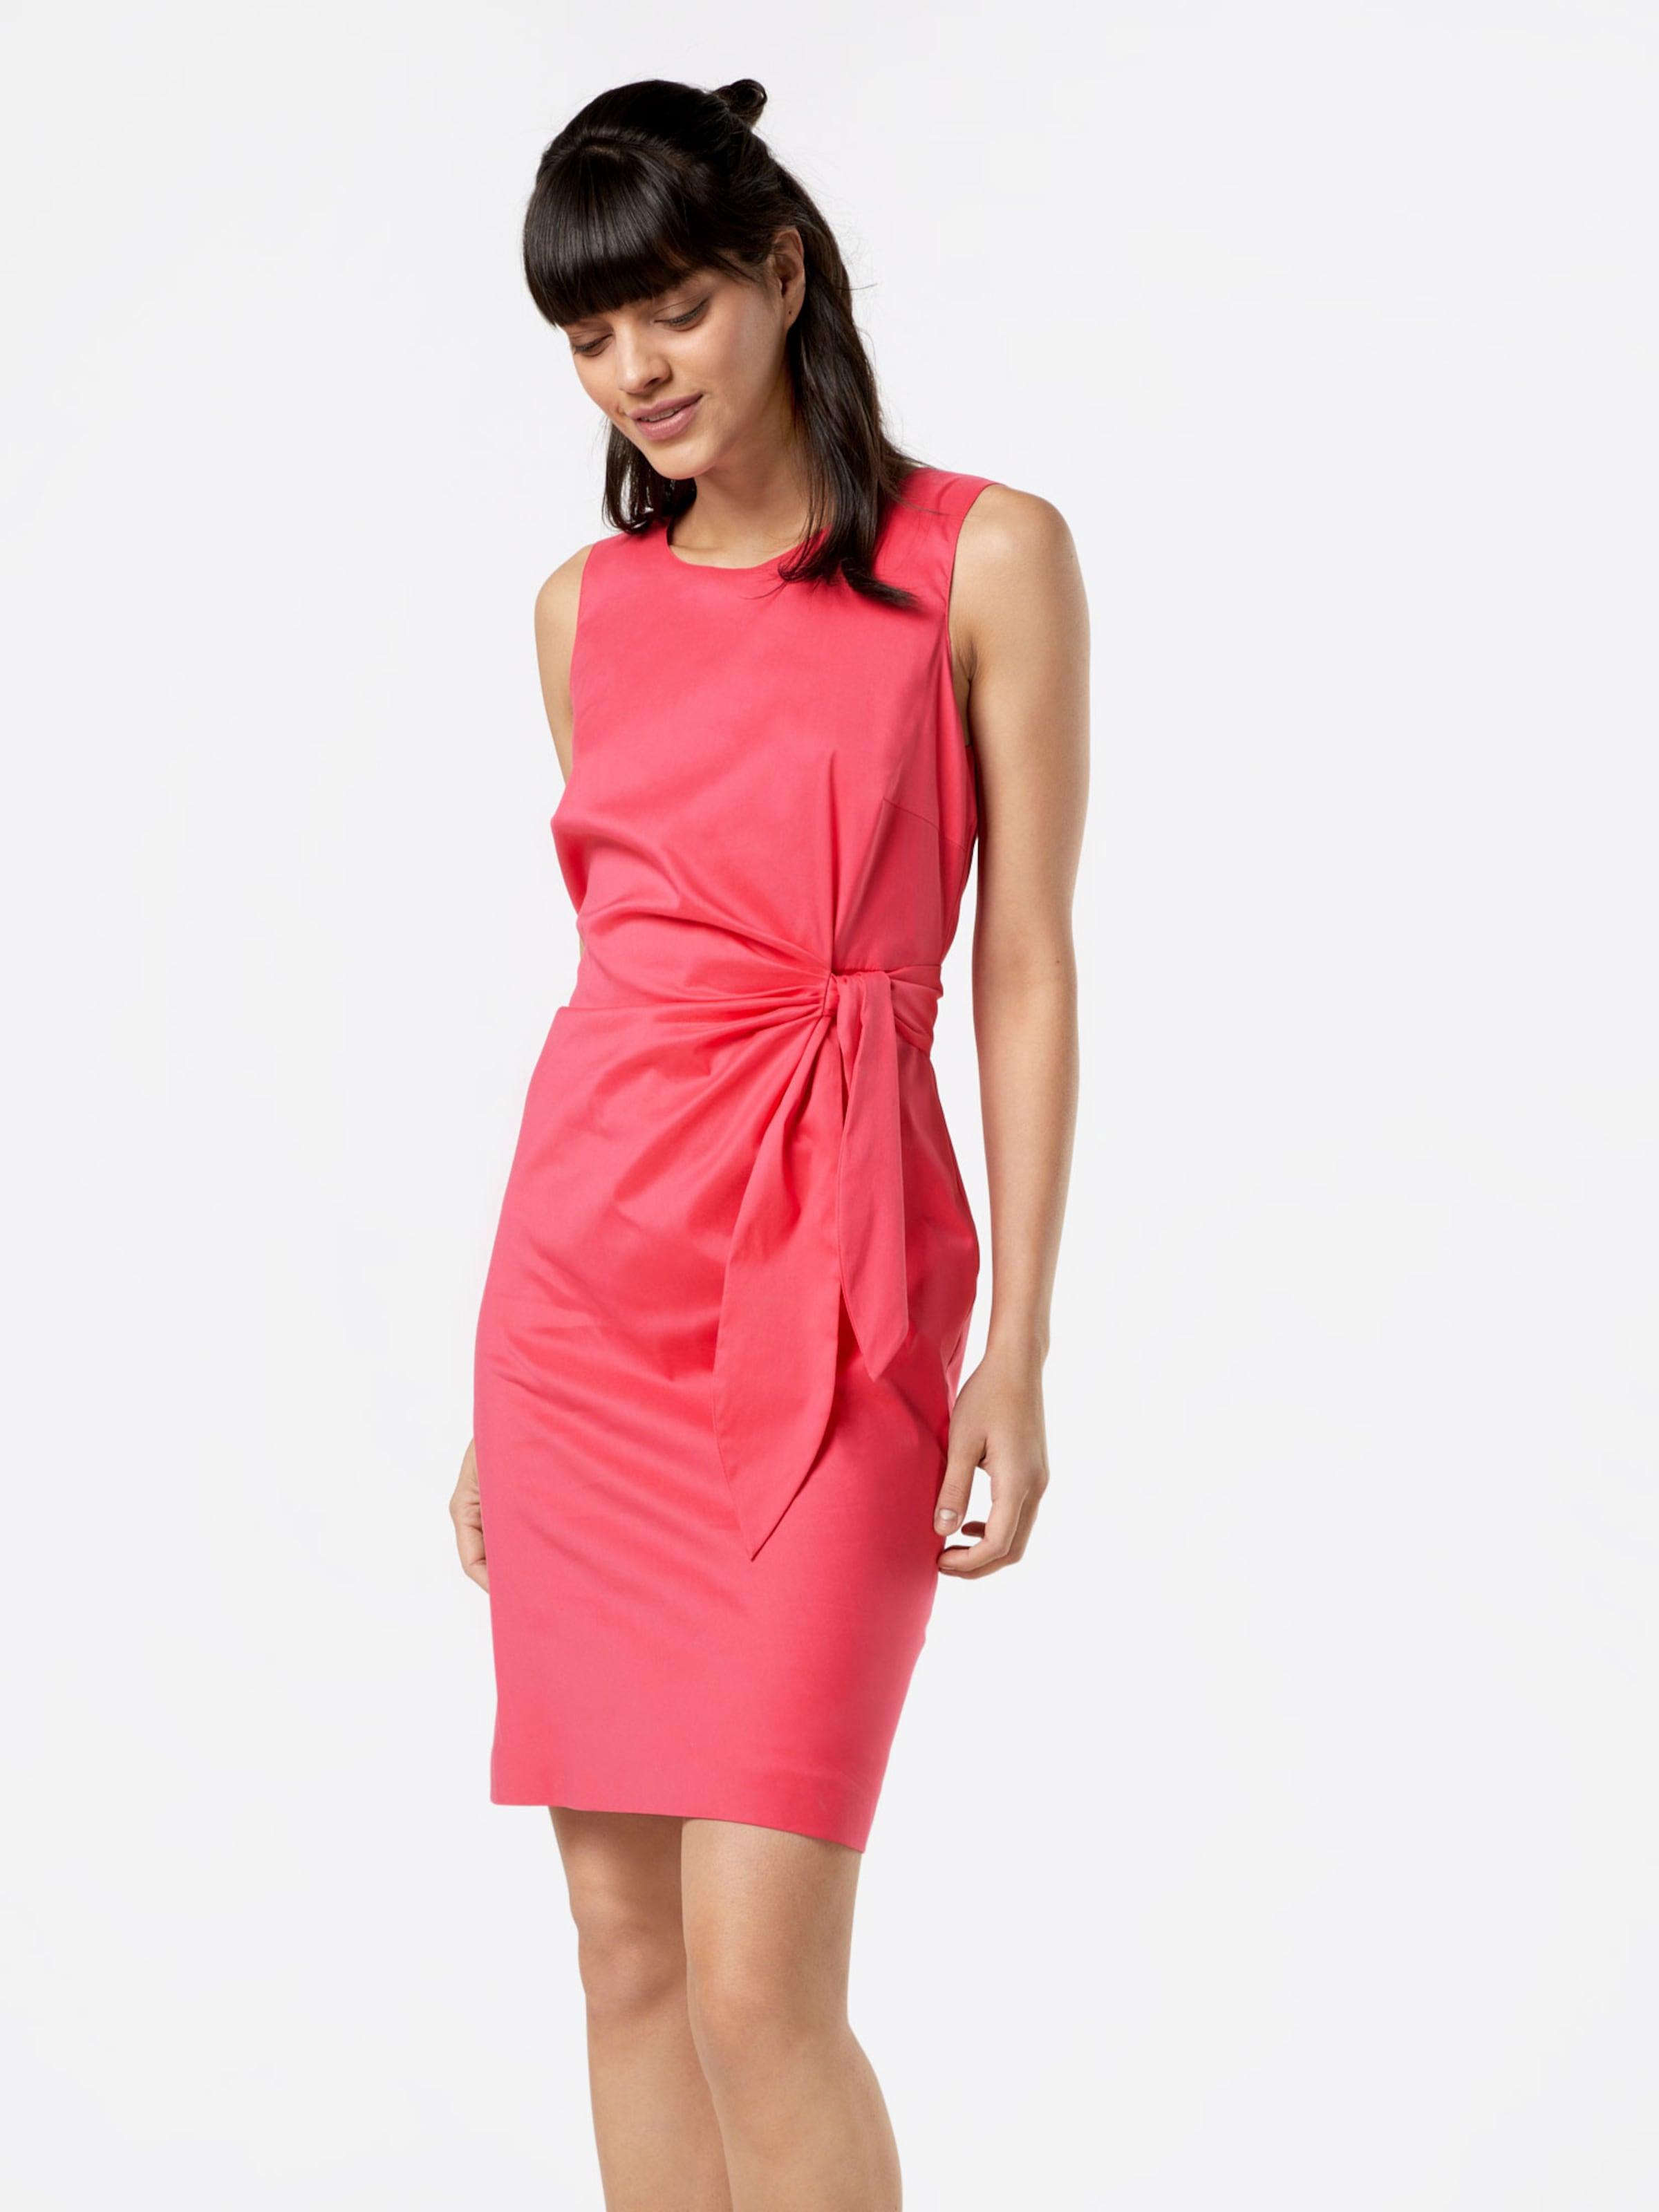 Esprit Collection Kleid Online Kaufen Authentisch Spielraum Vorbestellung Verkaufsauftrag Modisch Freies Verschiffen Sast u0RK6eFXR